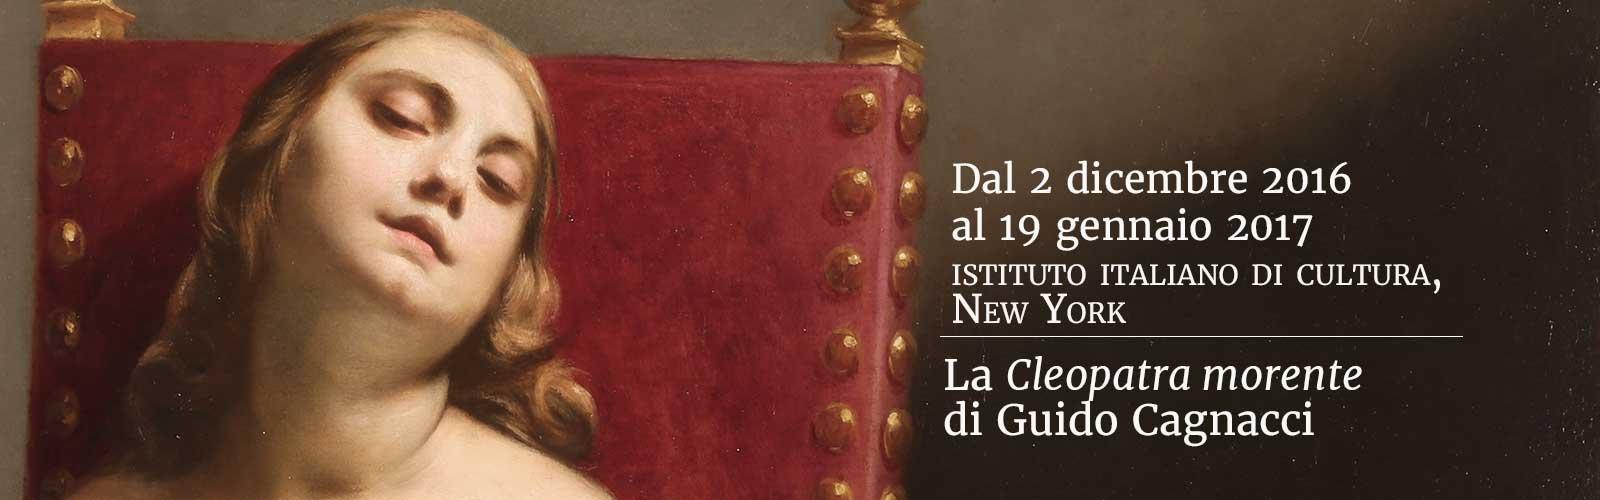 La Cleopatra morente di Guido Cagnacci